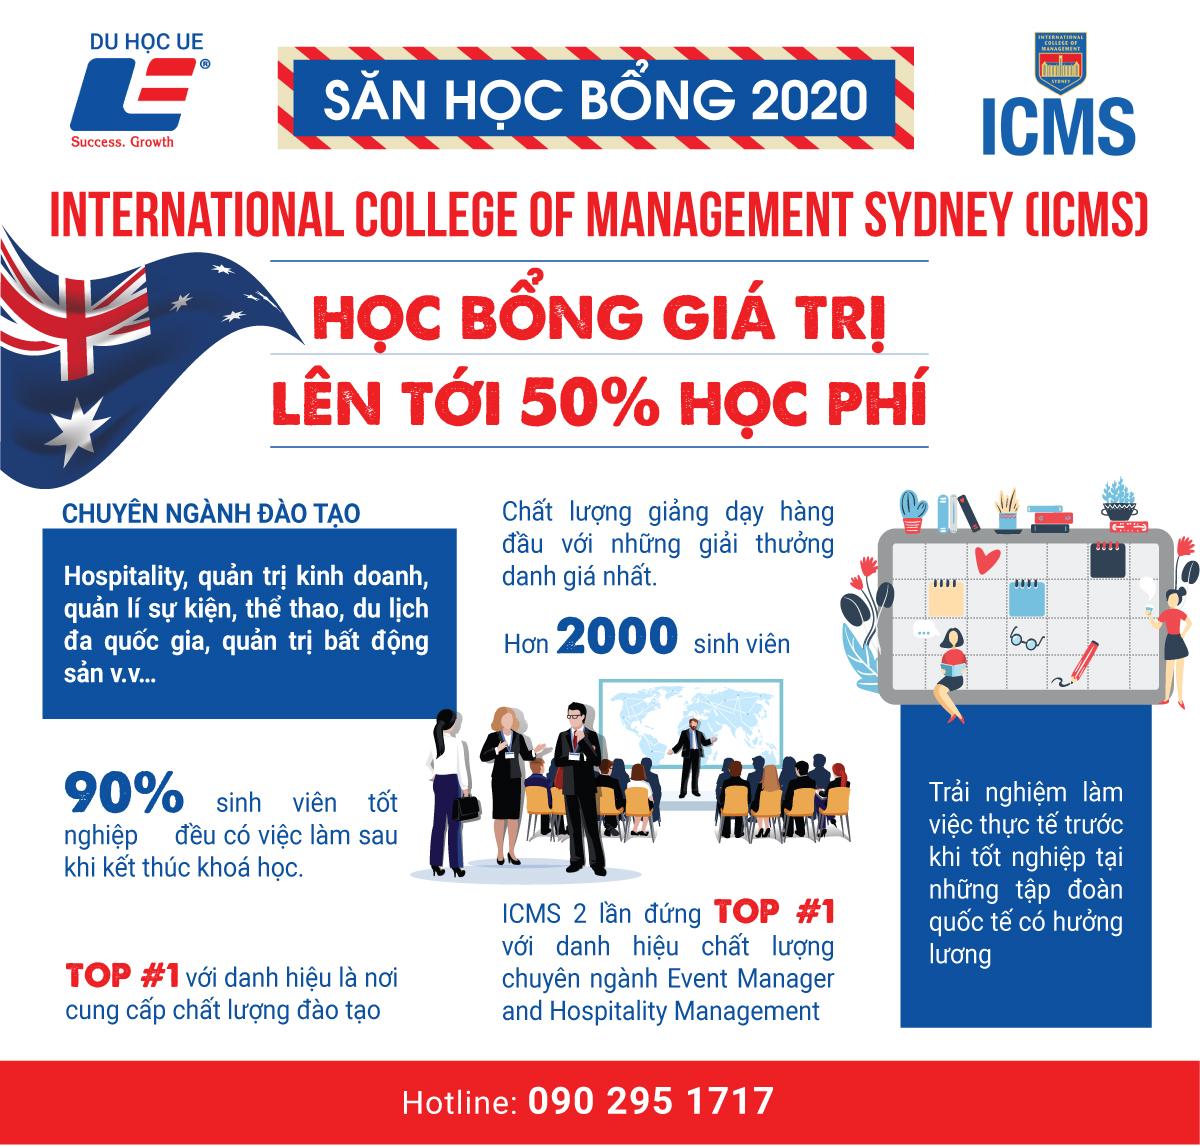 Học bổng bán phần ngành quản trị - kinh doanh tại ICMS